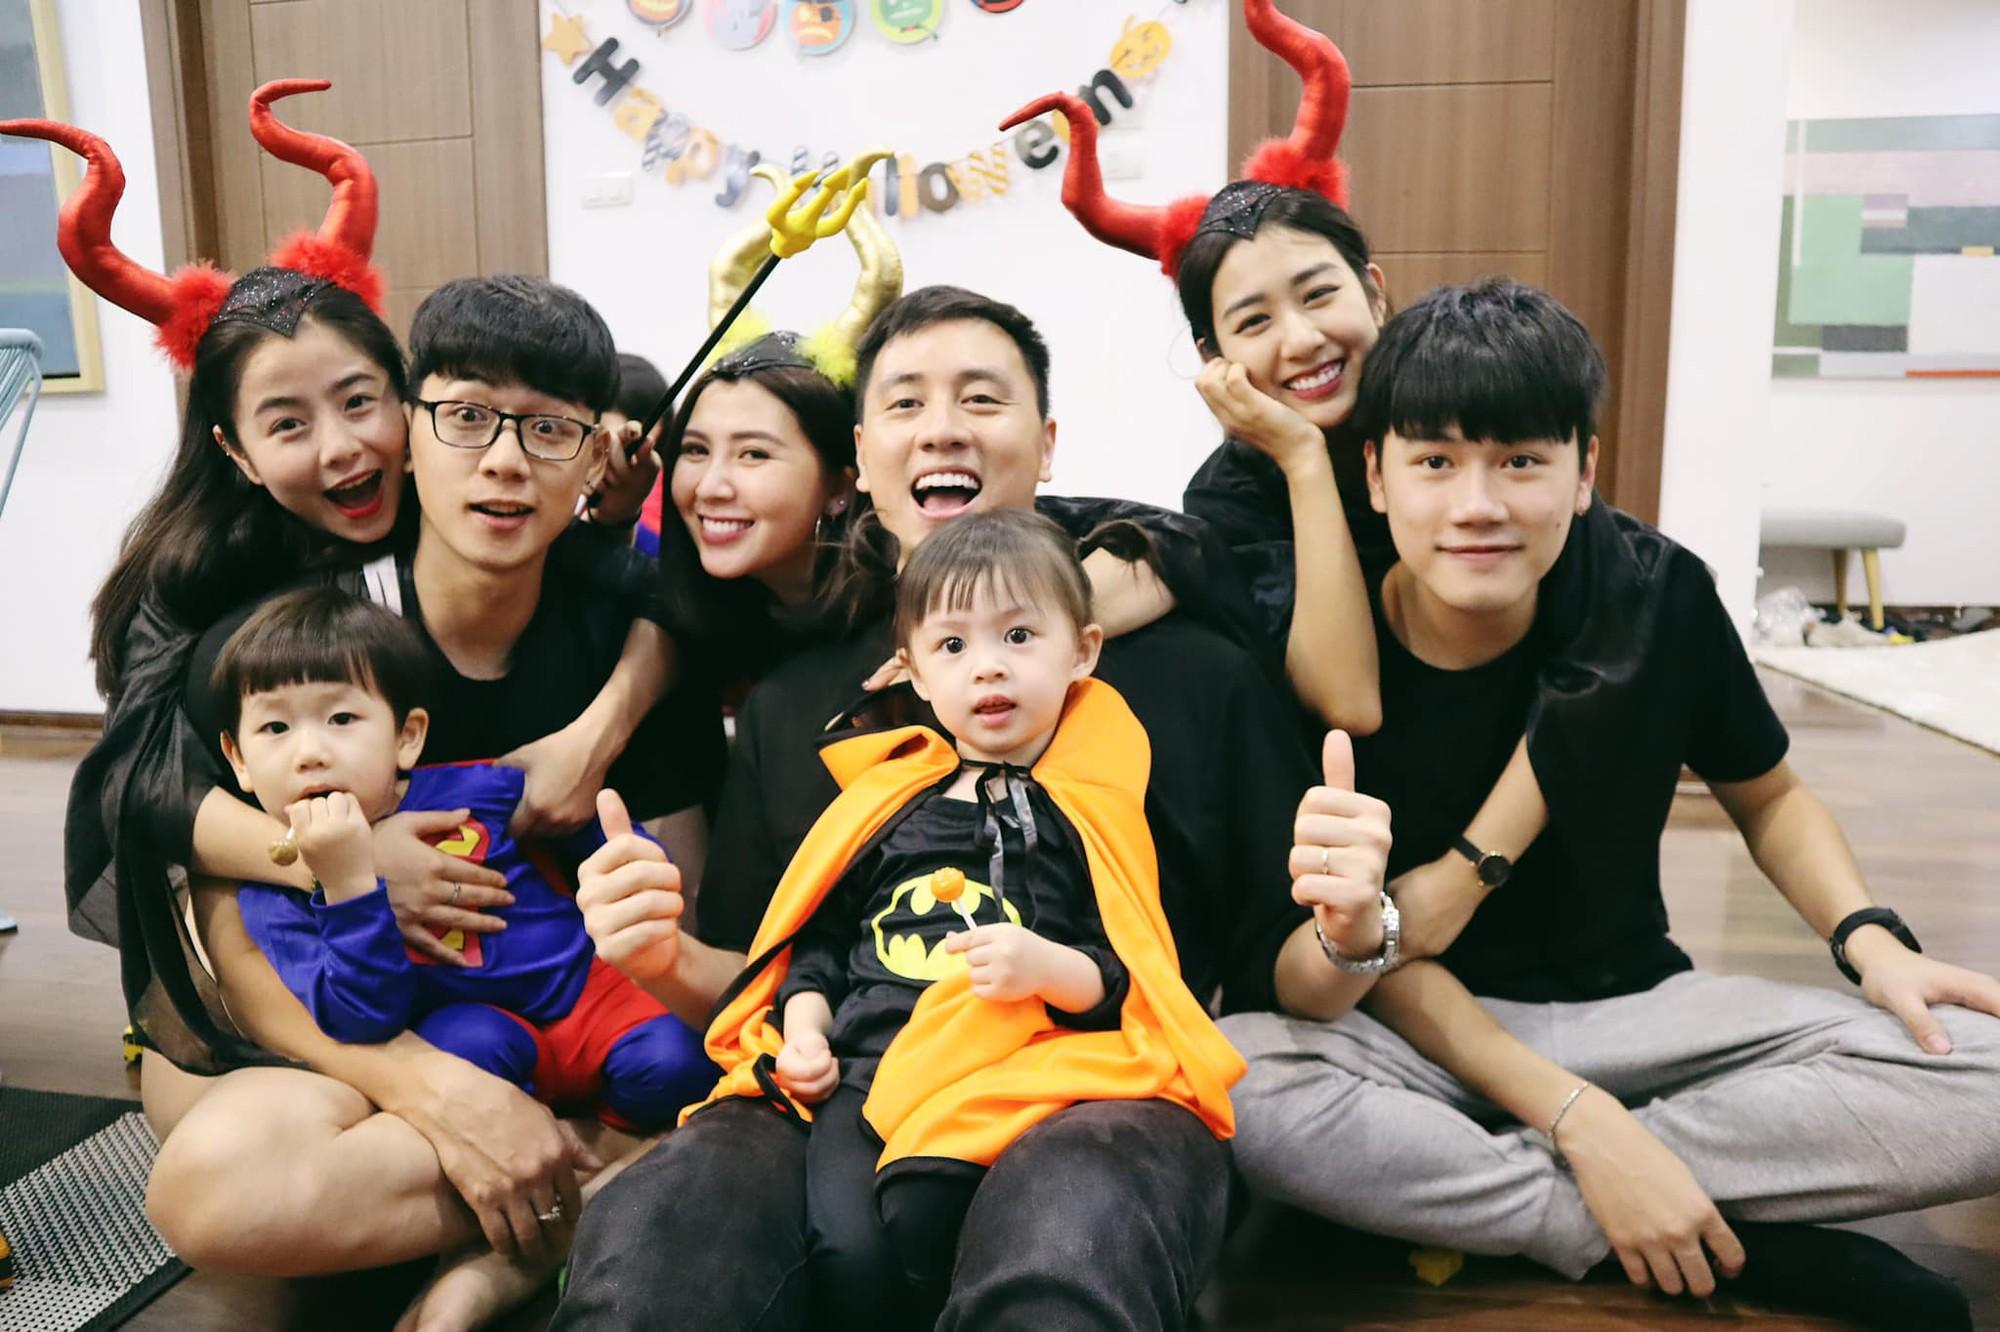 Halloween cập bến 3 gia đình hot nhất MXH: Xoài - Cam - Đậu biến hoá thành những siêu anh hùng dễ thương - Ảnh 3.